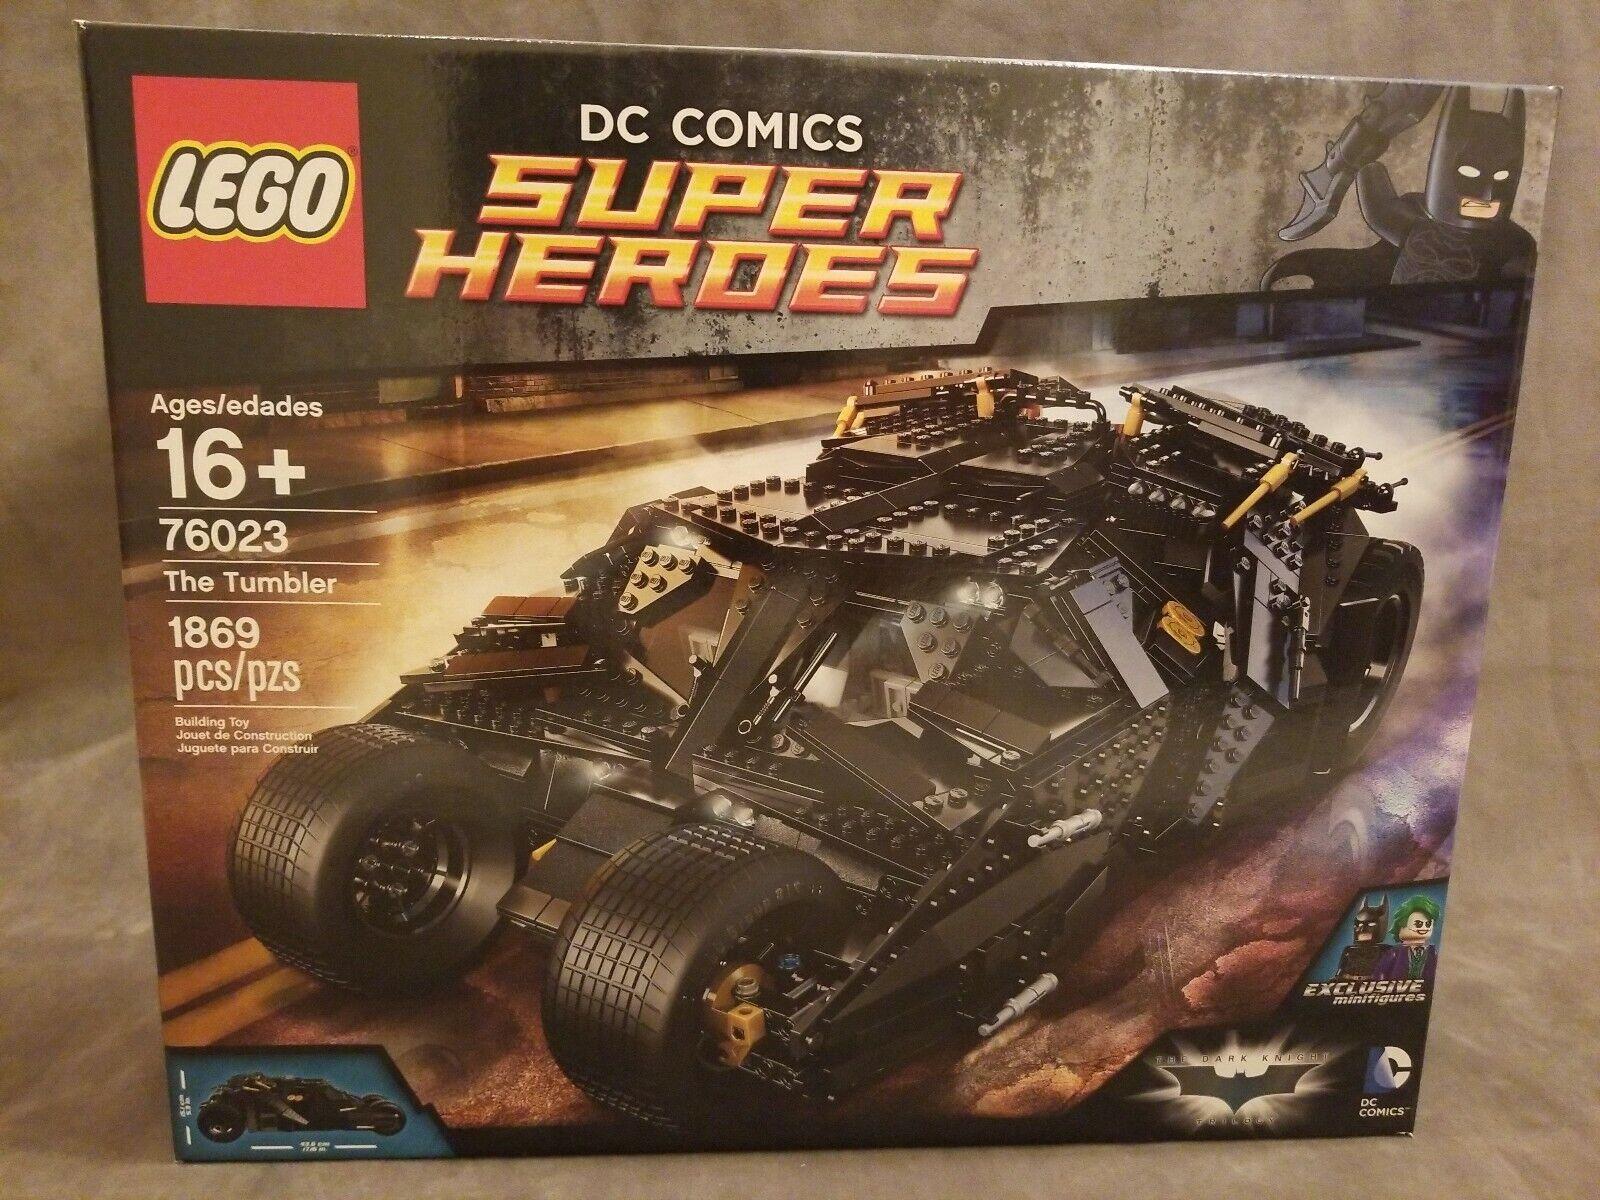 LEGO 76023 Super Heroes The Tumbler Batuomo  Batmobile BRe nuovo & SEALED  ottima selezione e consegna rapida